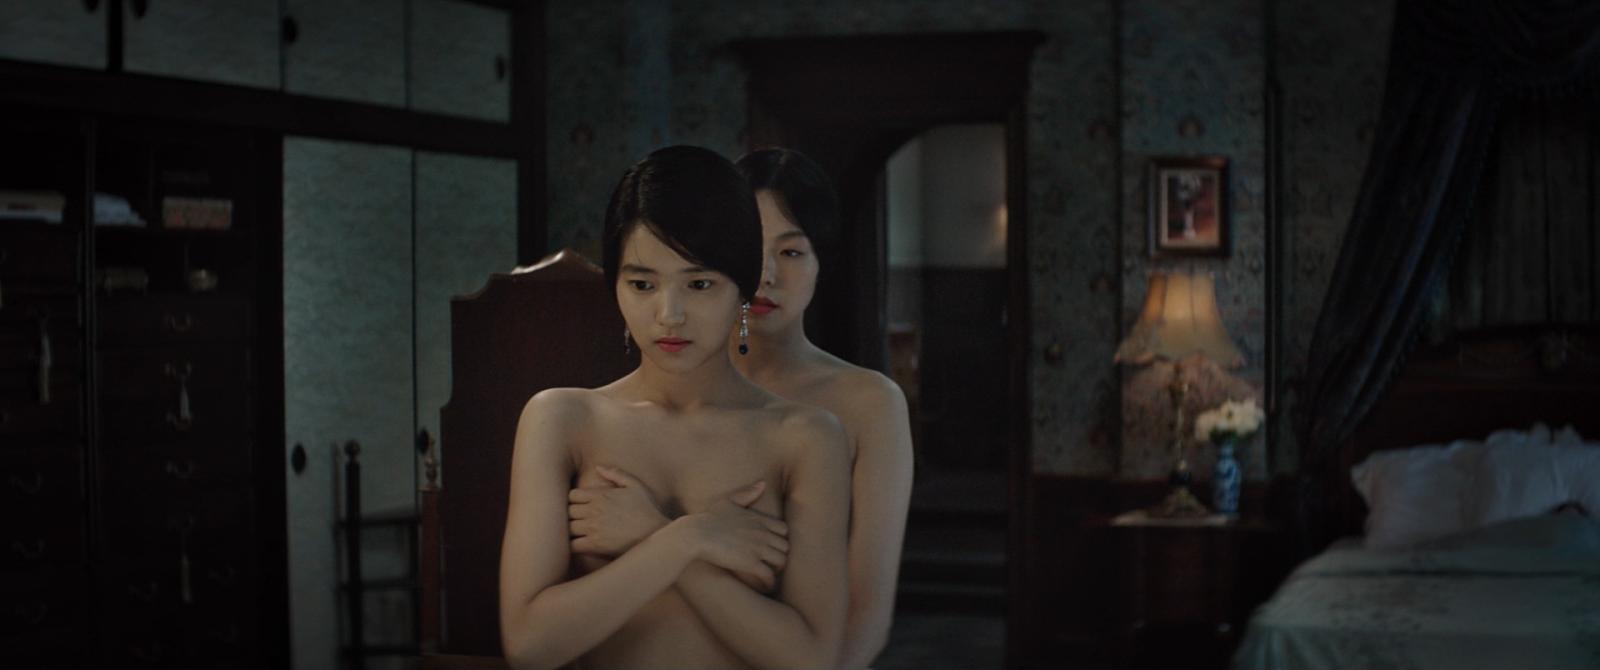 Korean Lesbian Full Movie